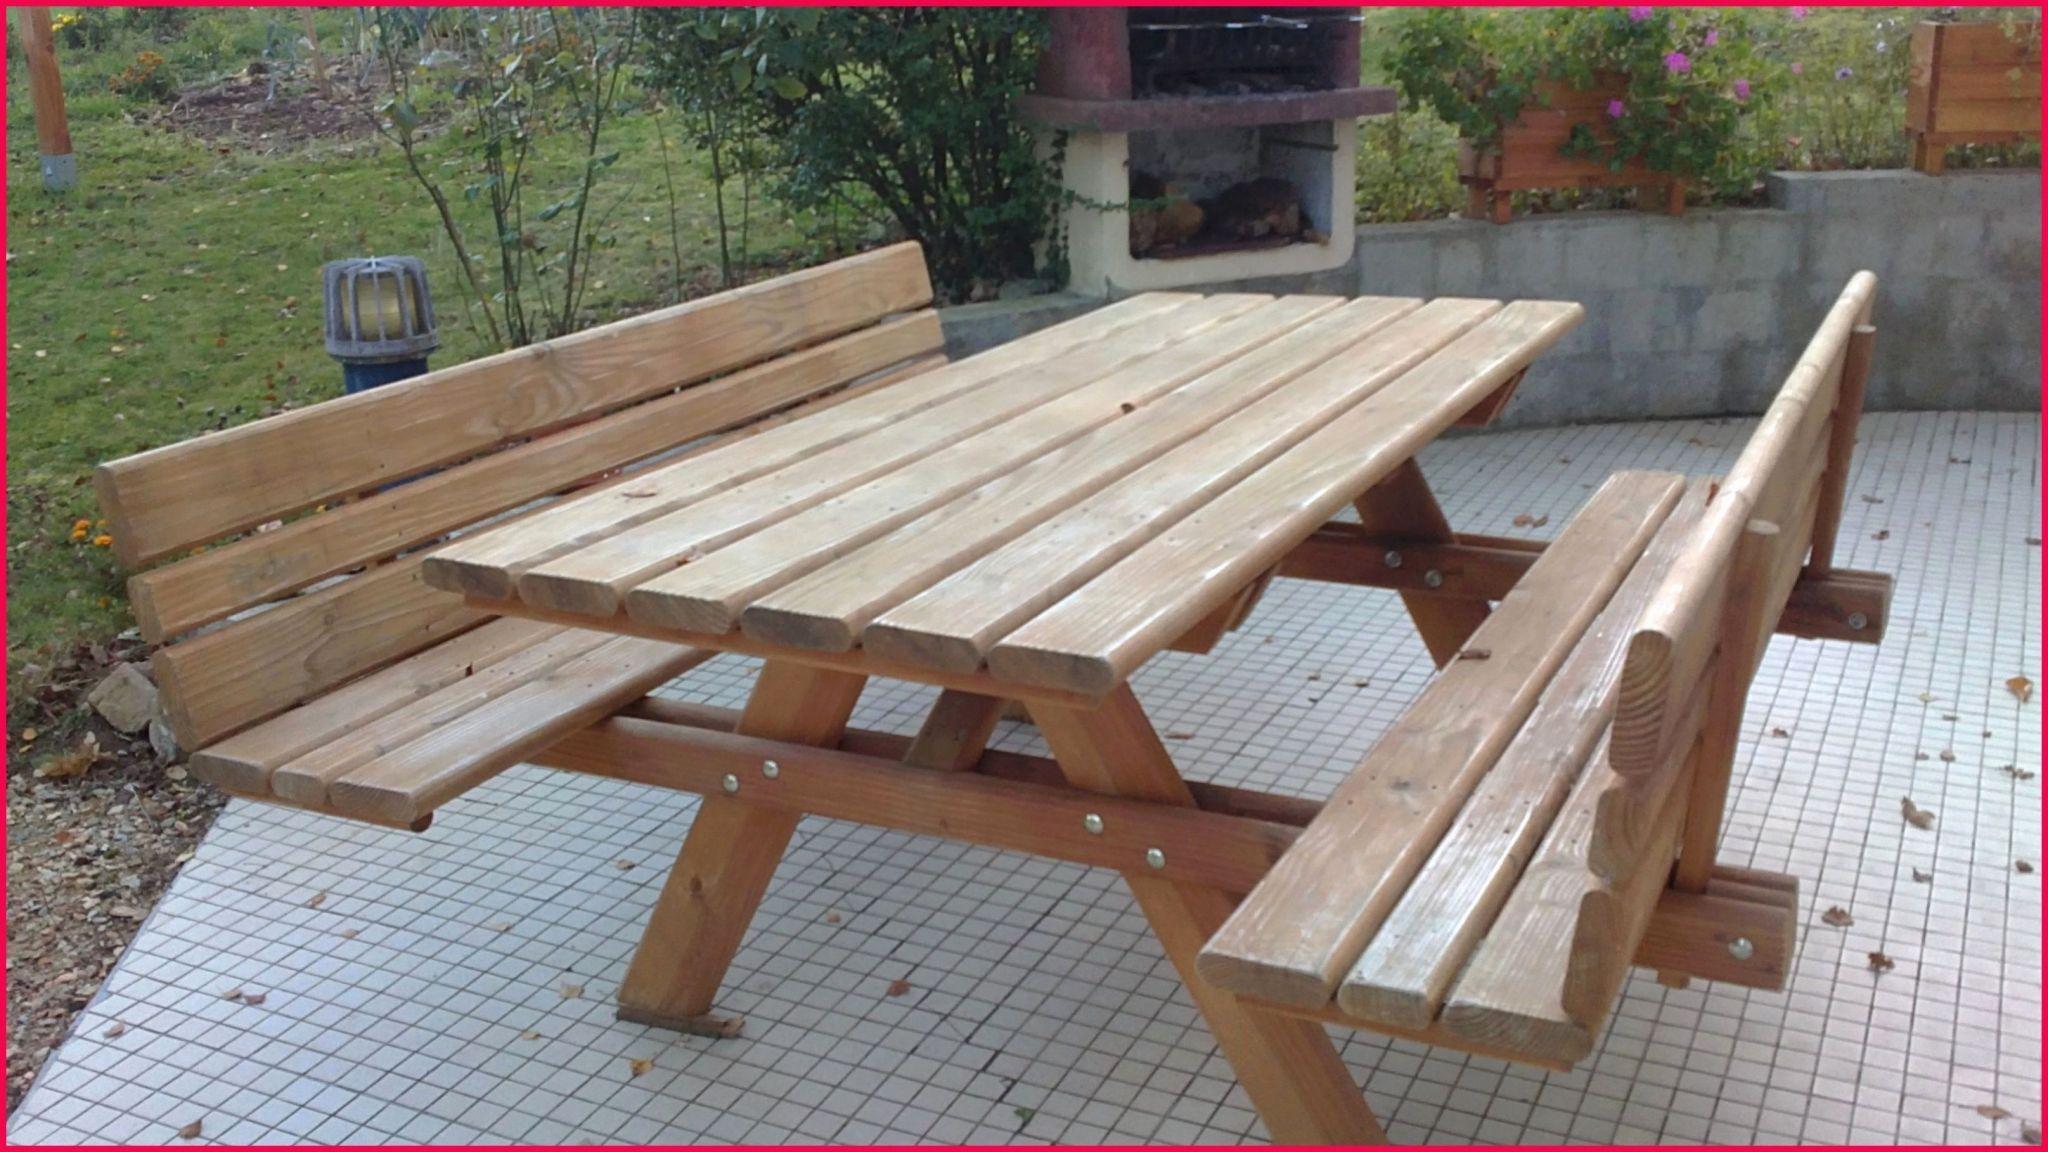 salon de jardin contemporain ou banc jardin bois frais banc bois jardin fresh banc contemporain 0d de salon de jardin contemporain